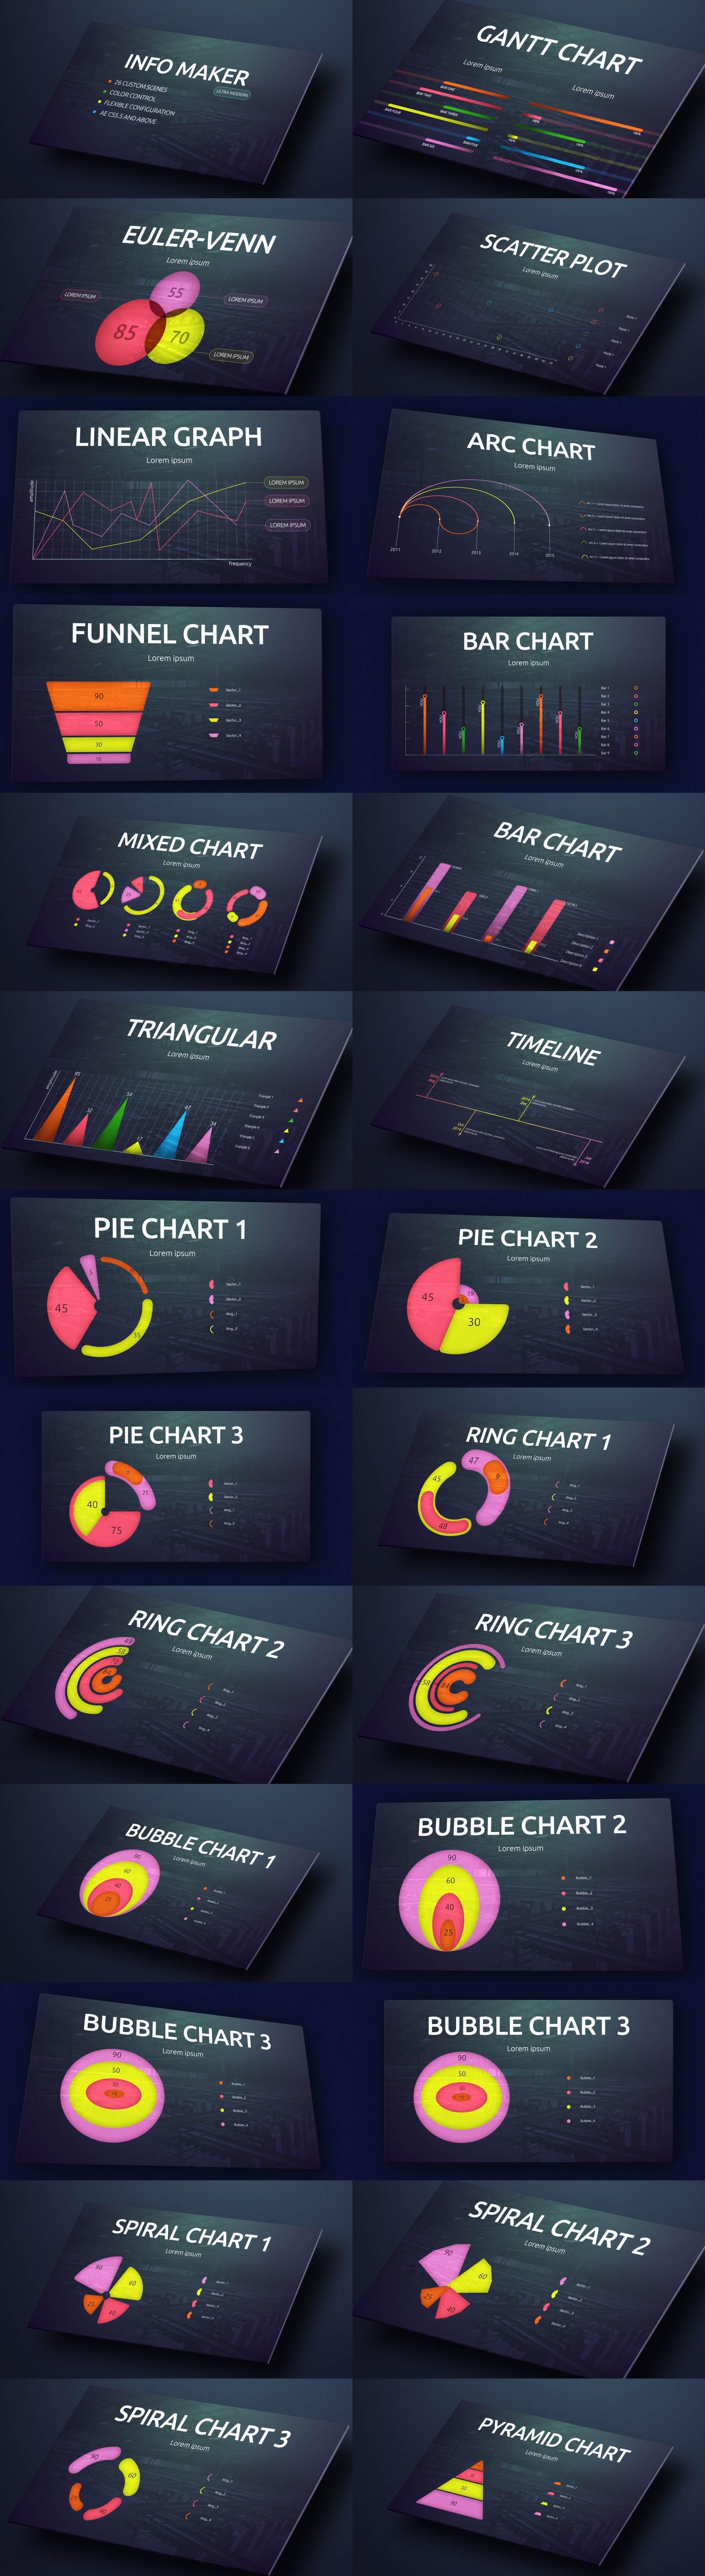 پروژه آماده افترافکت videohive Modern Infographics Creator